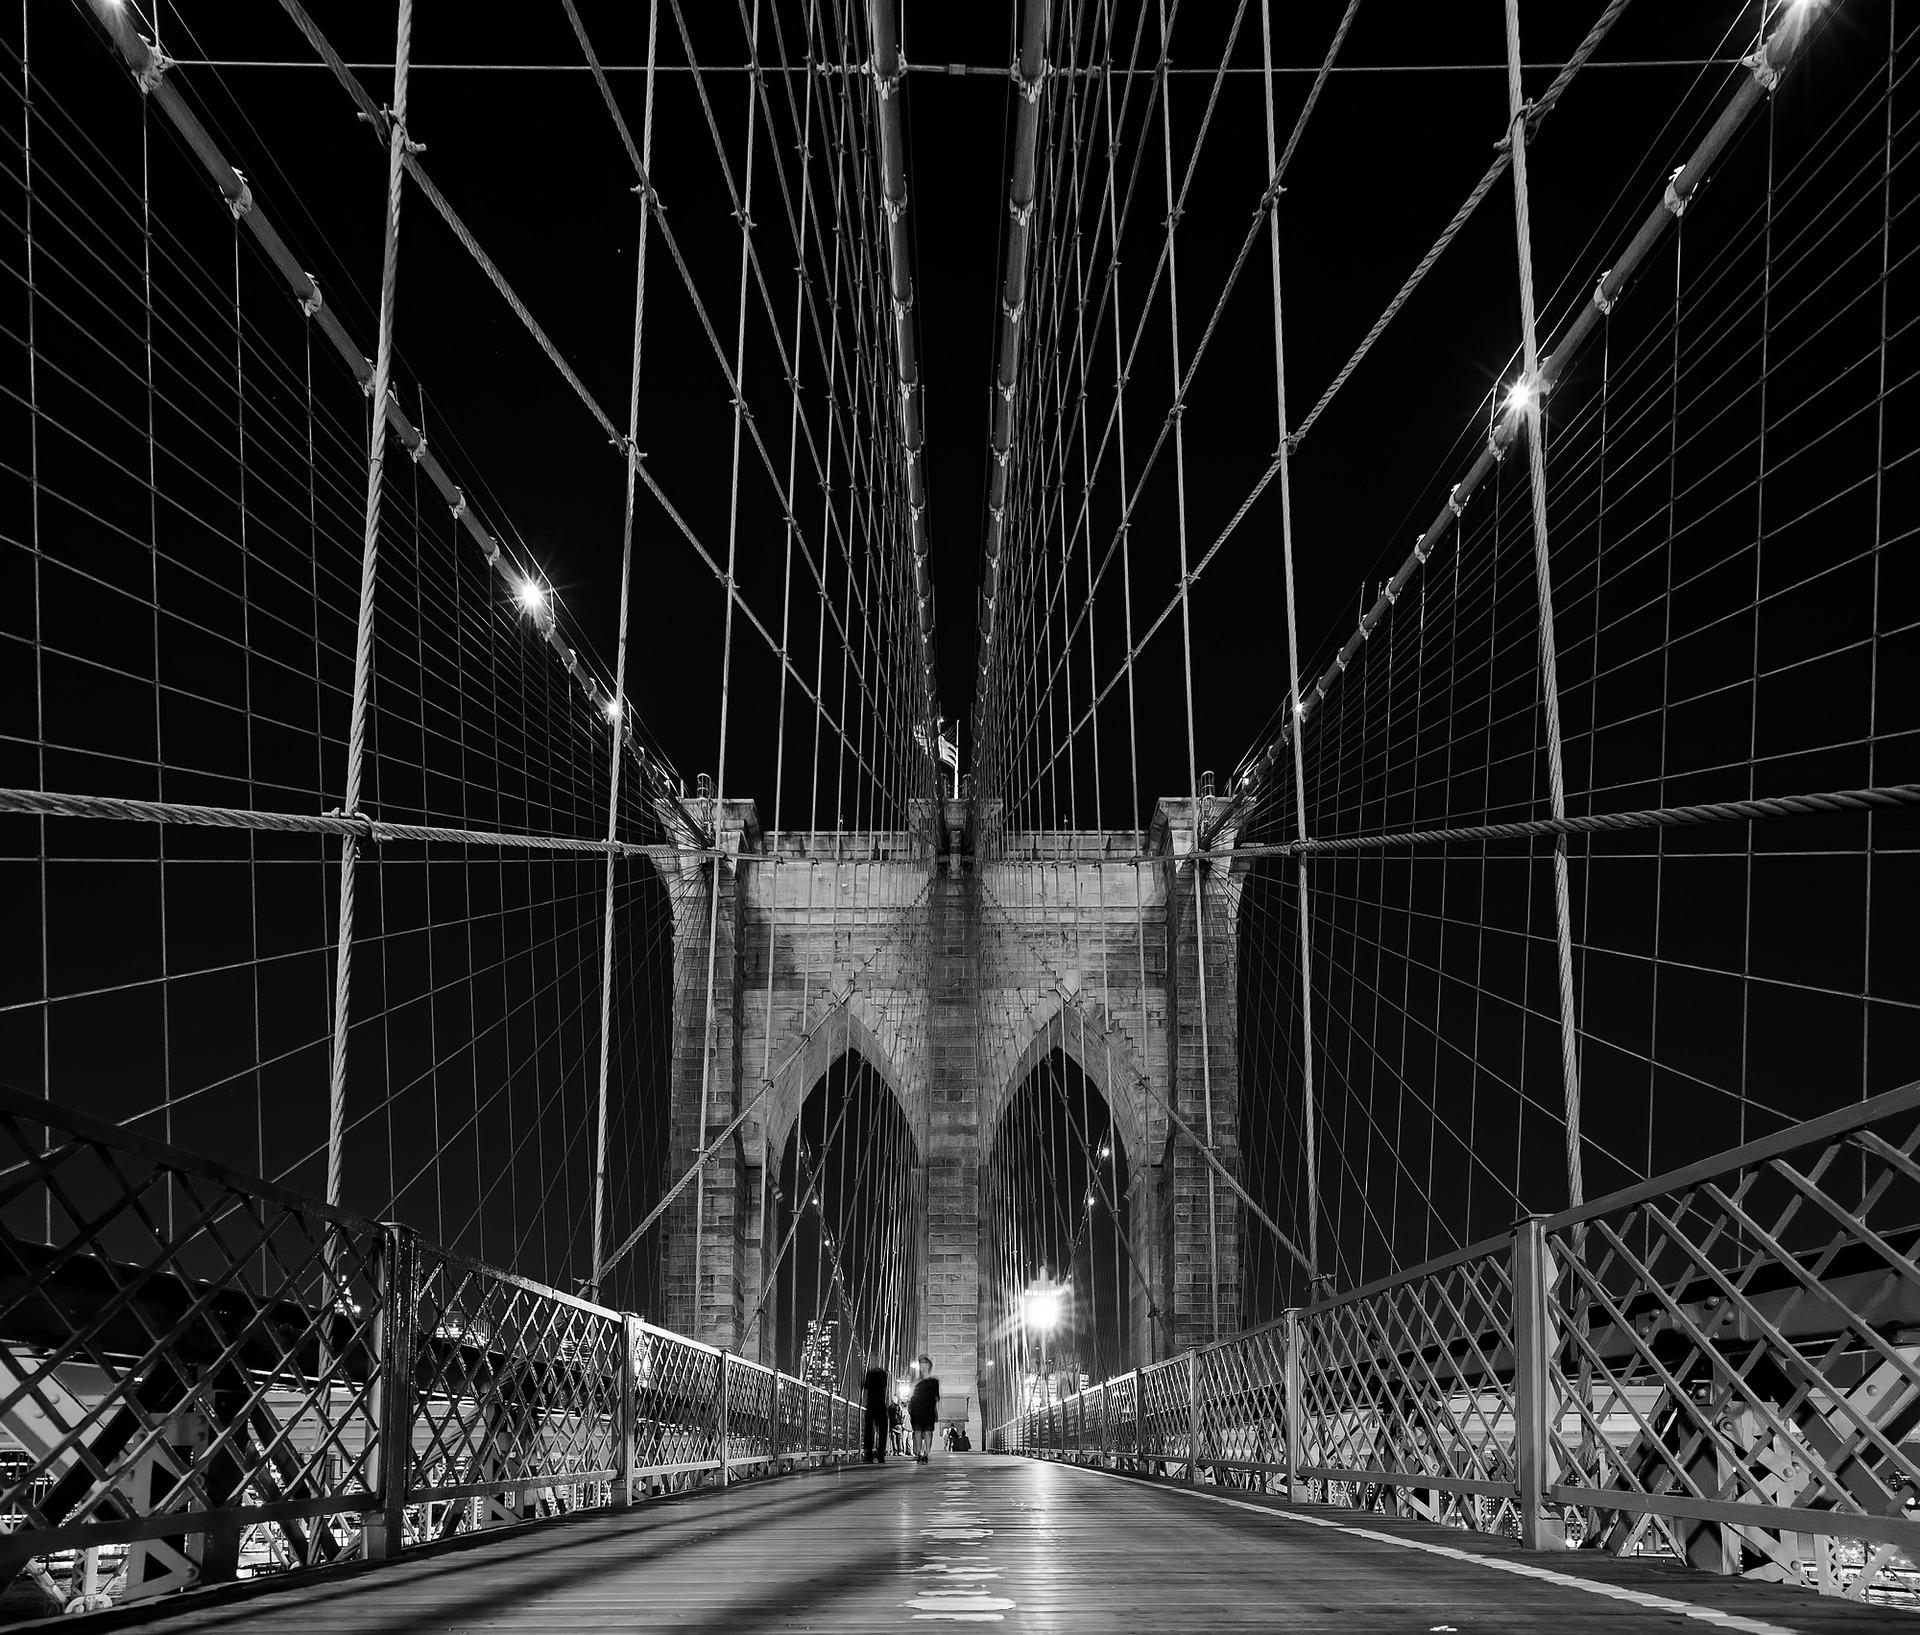 brooklyn-bridge-2686294_1920.jpg